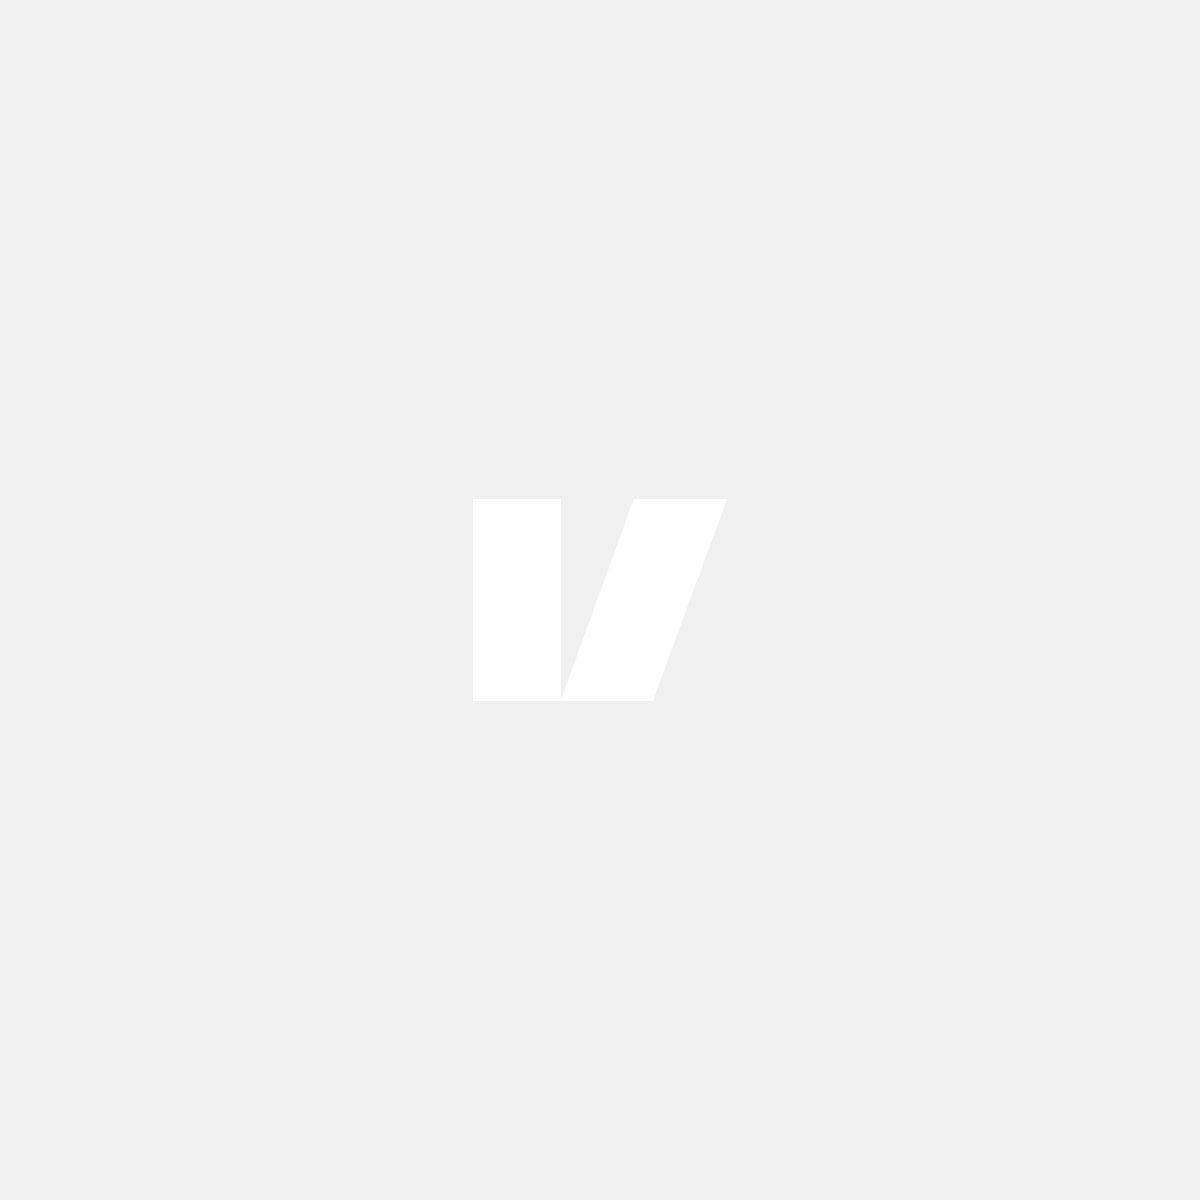 Tätning framskärm/rutlist till Volvo S60, V70, XC70, höger